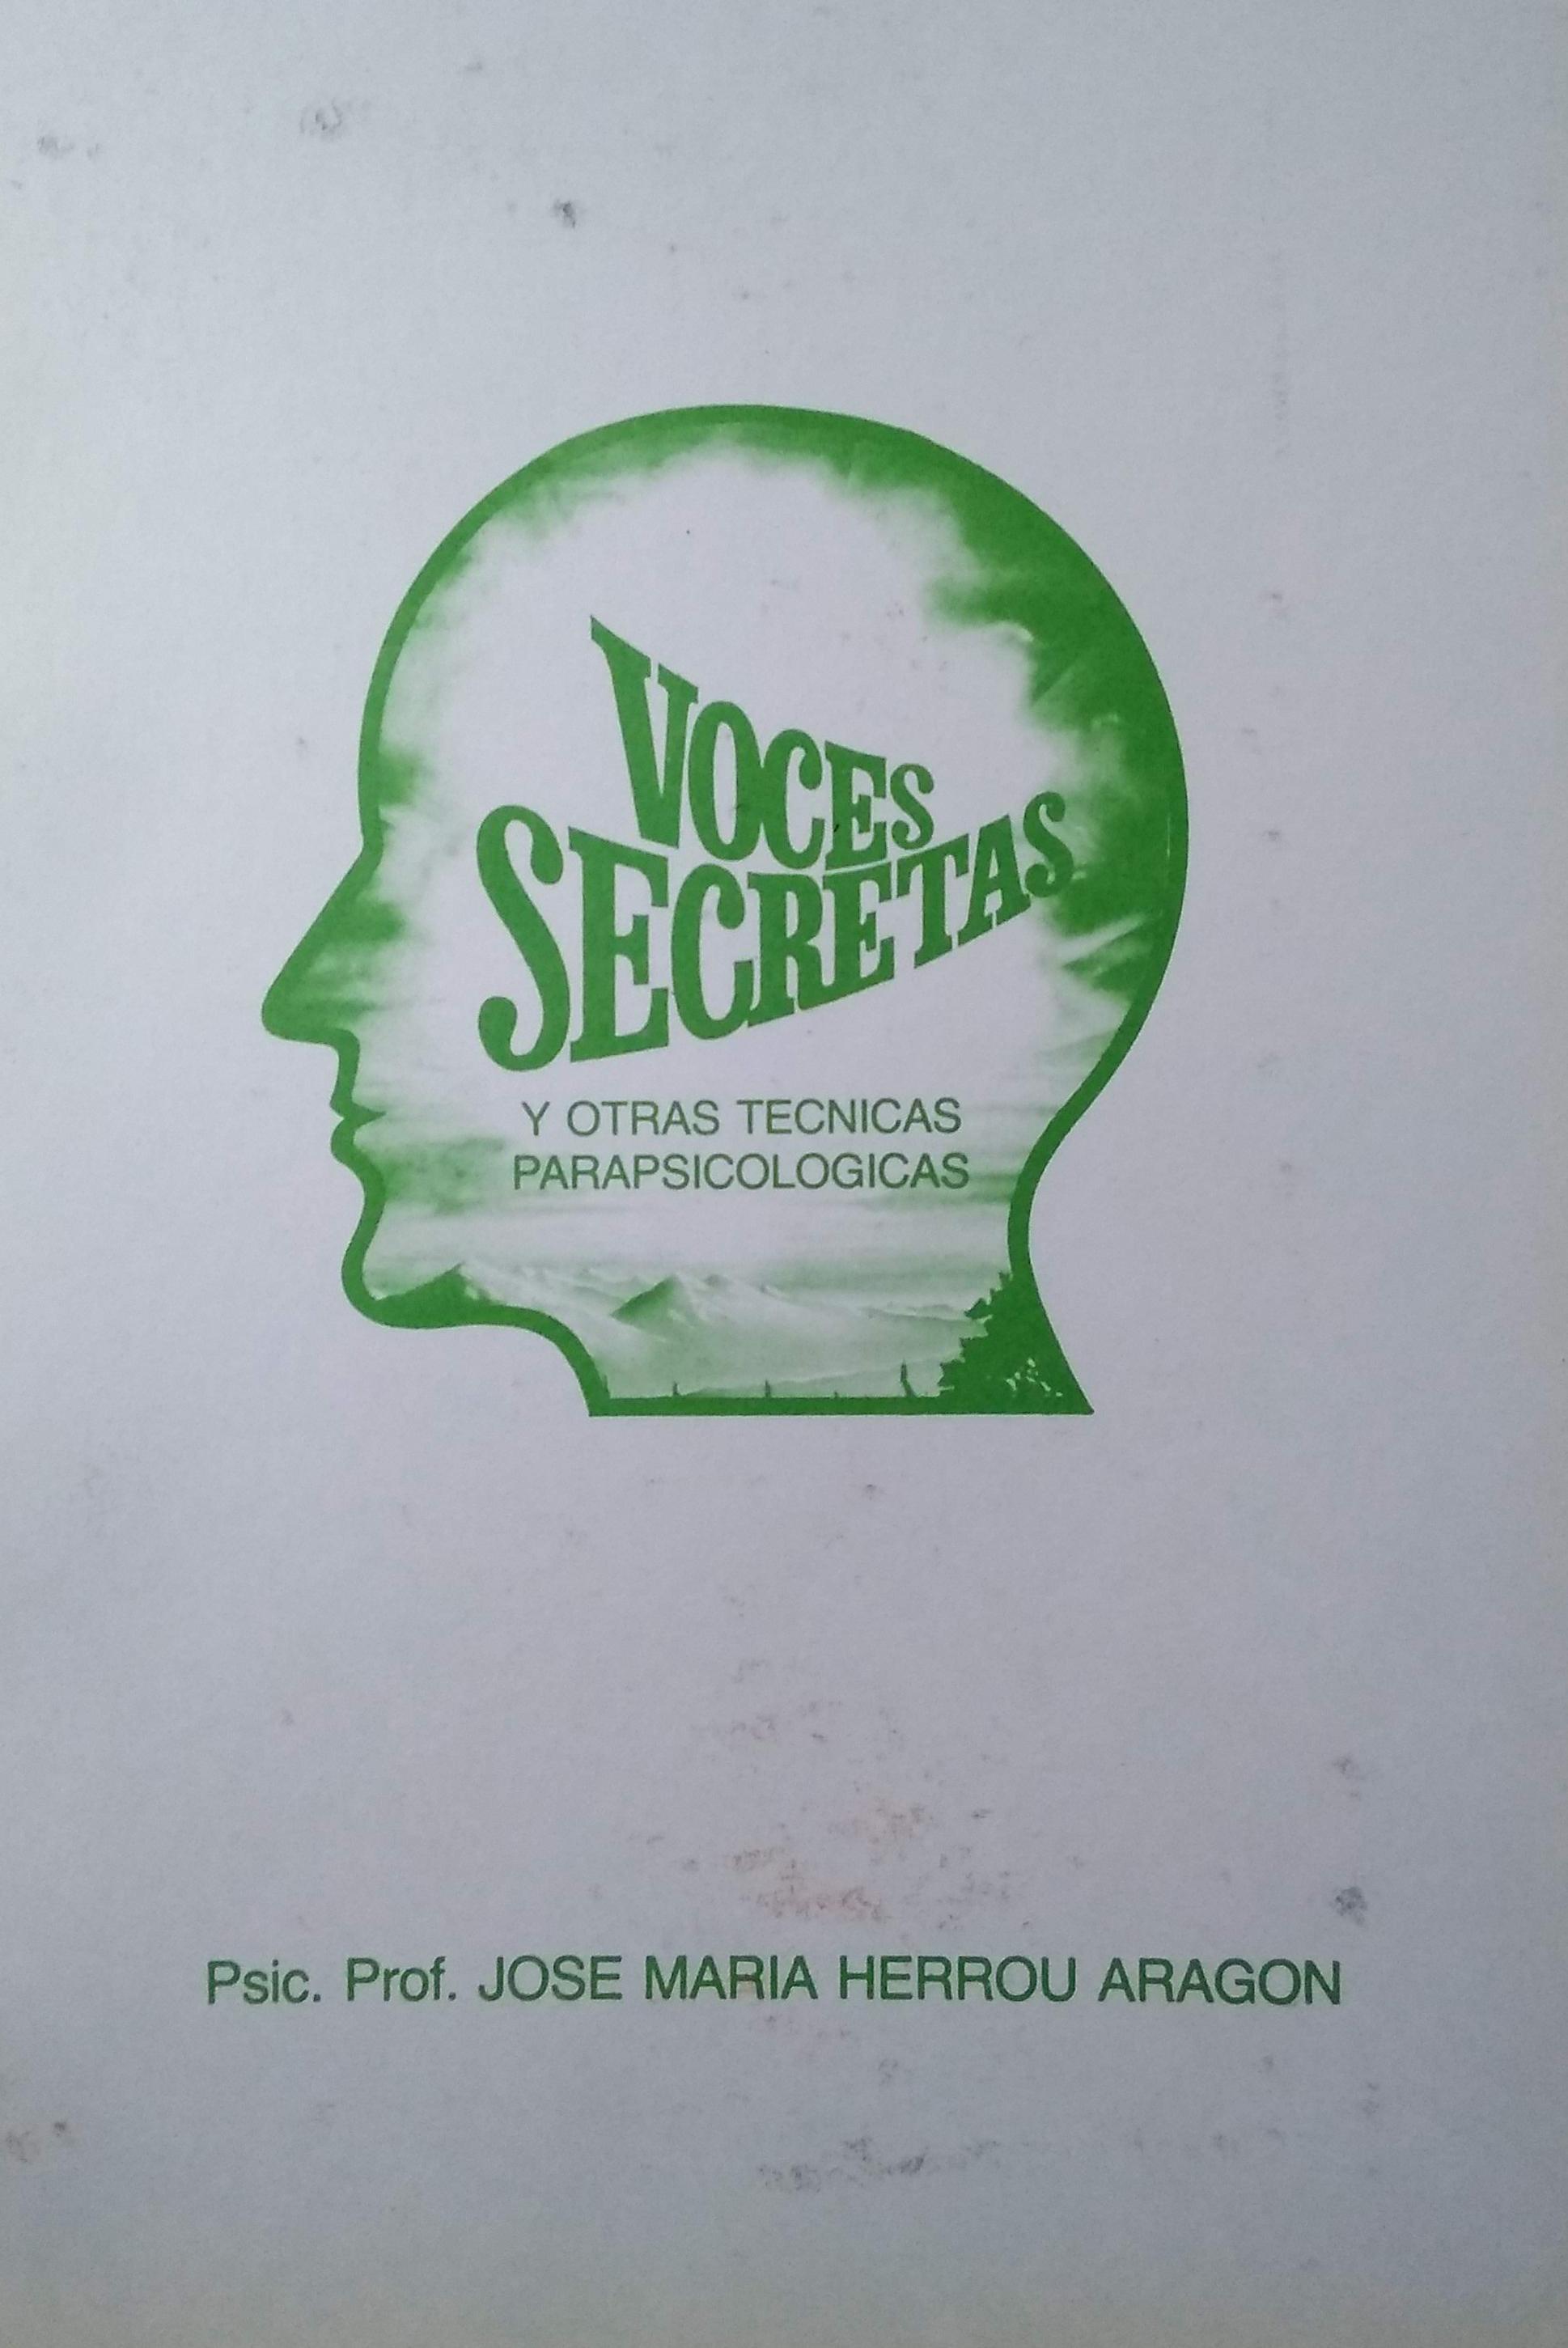 Voces Secretas y otras técnicas...